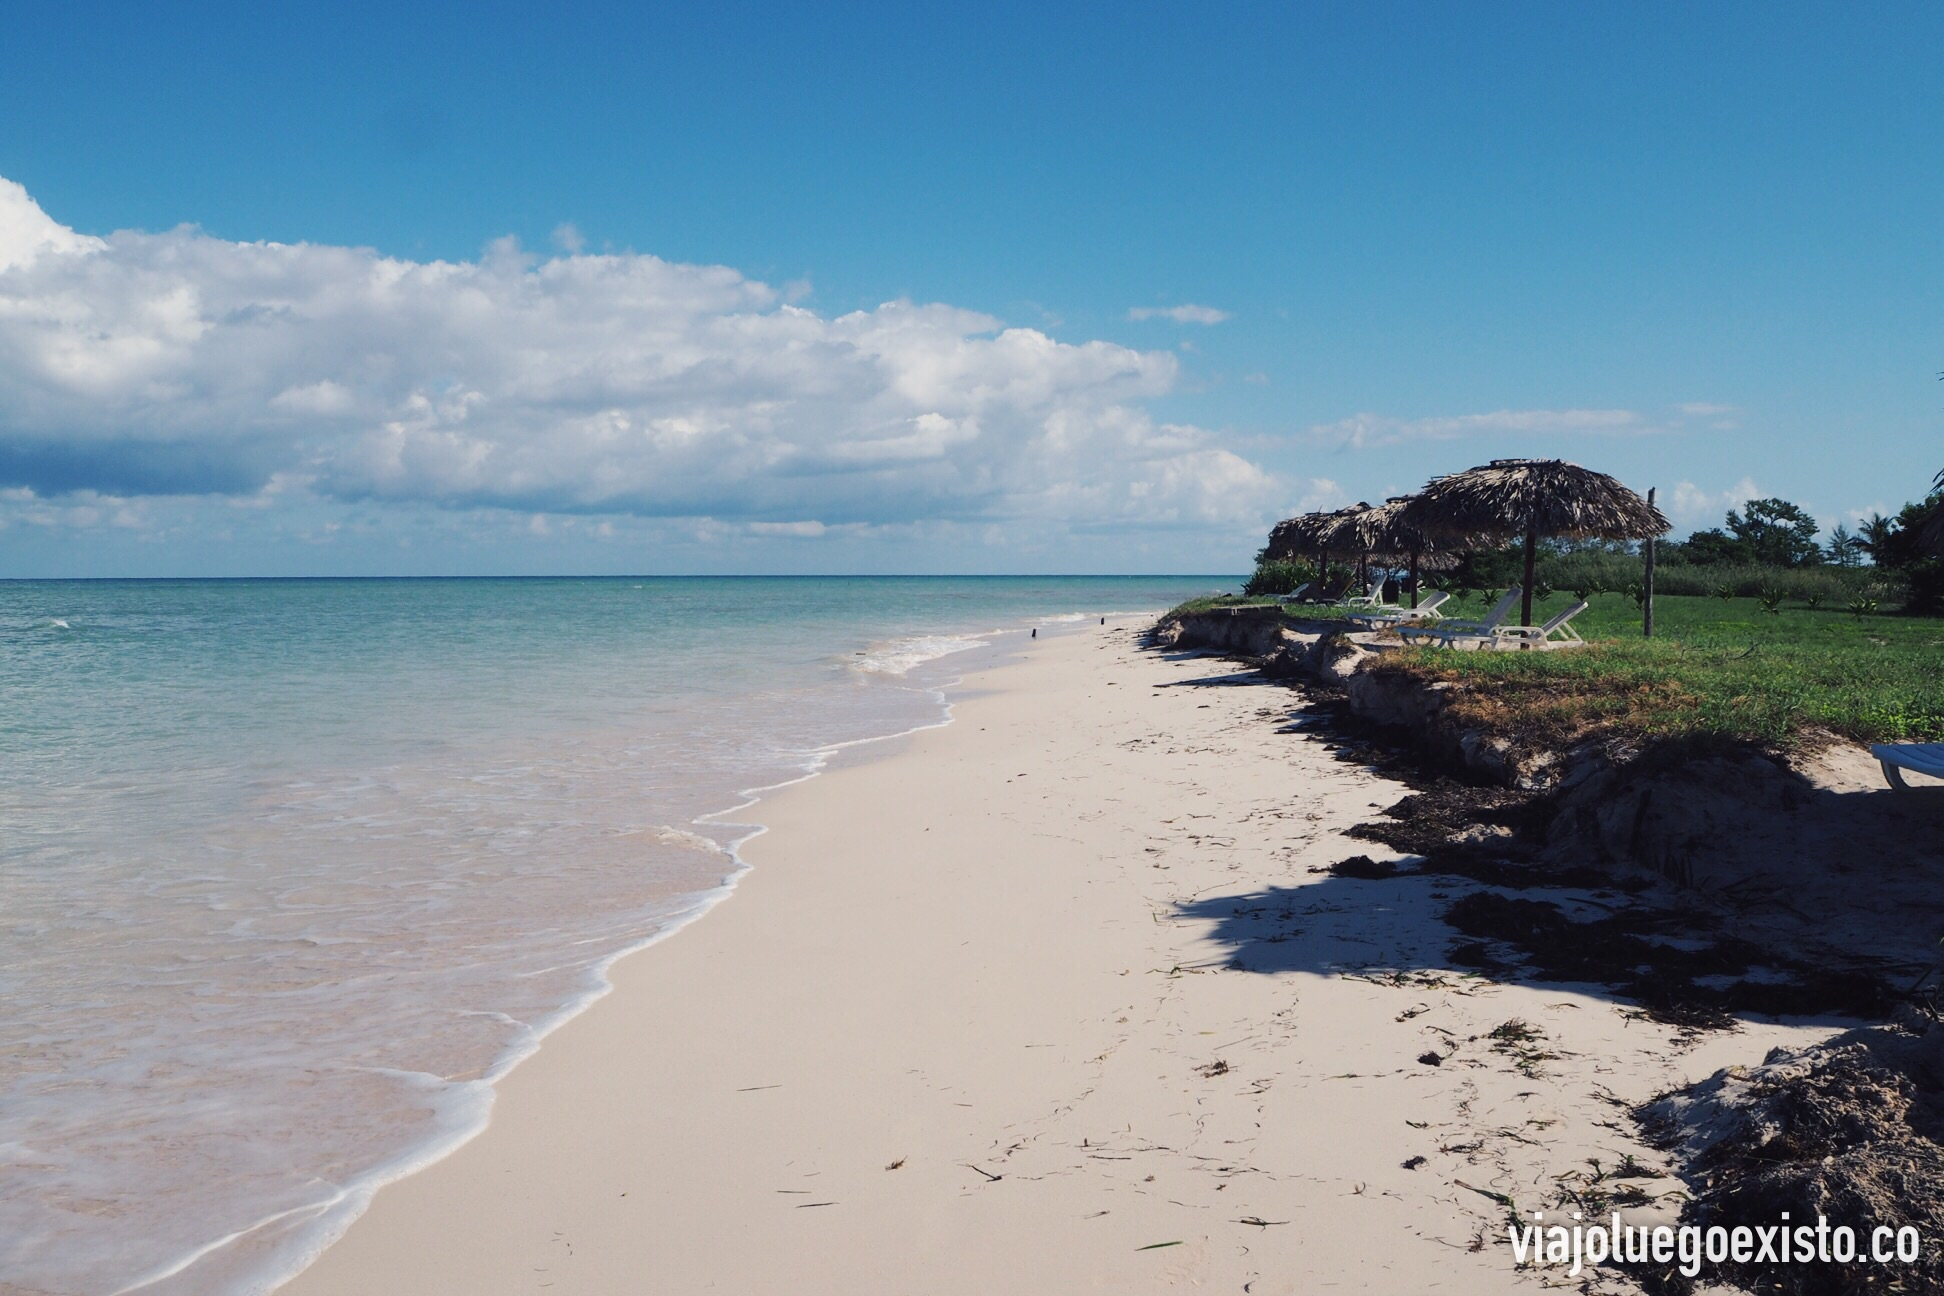 Cayo Jutías, bonito pero nada espectacular si ya has visto otras playas del Caribe.